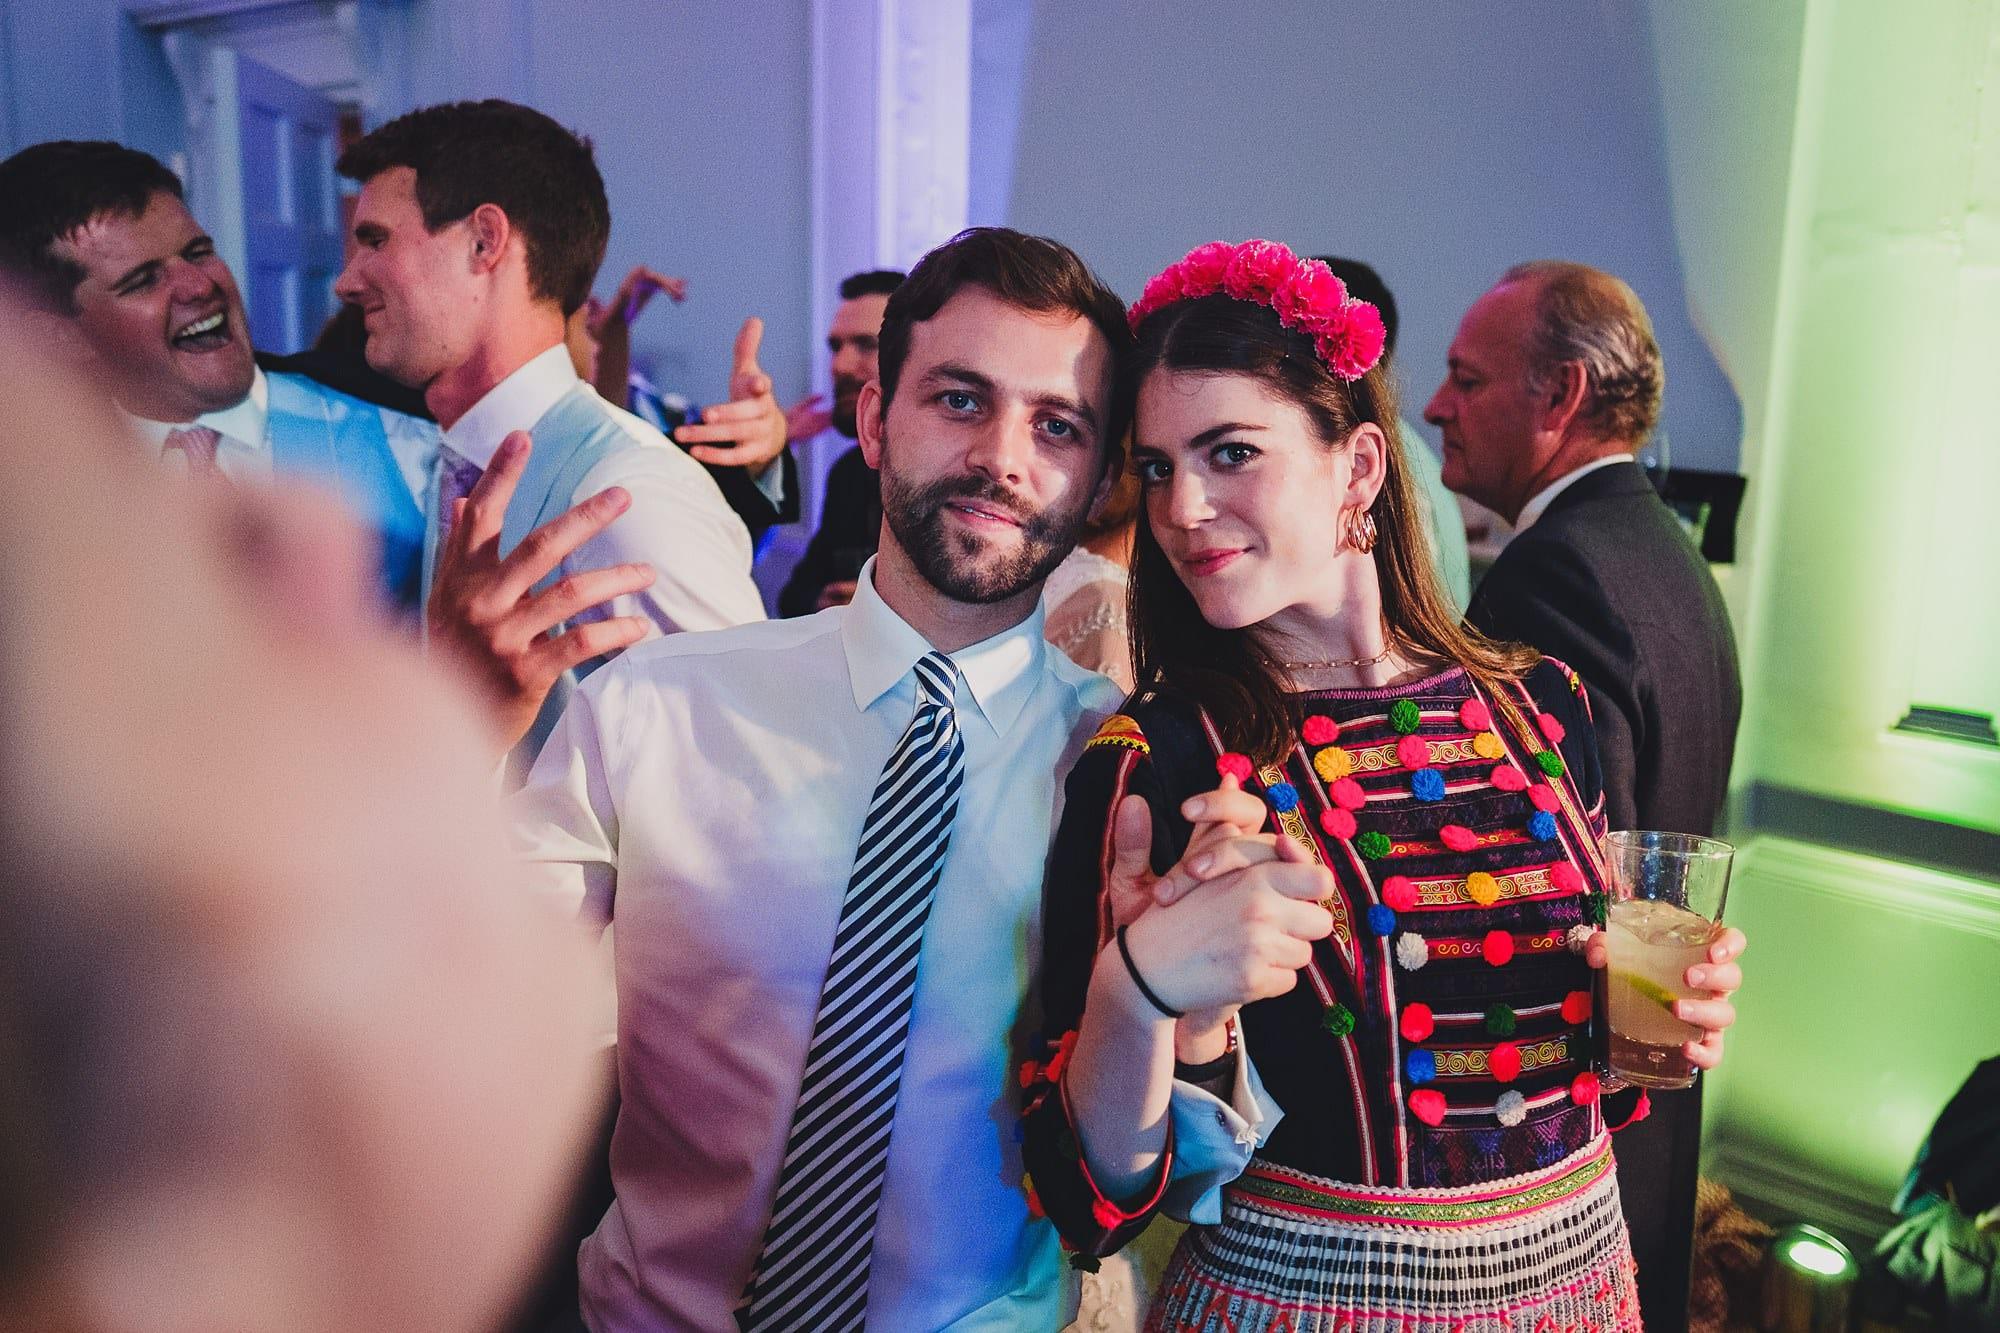 fulham palace wedding photographer ok 105 - Olivia + Kyle